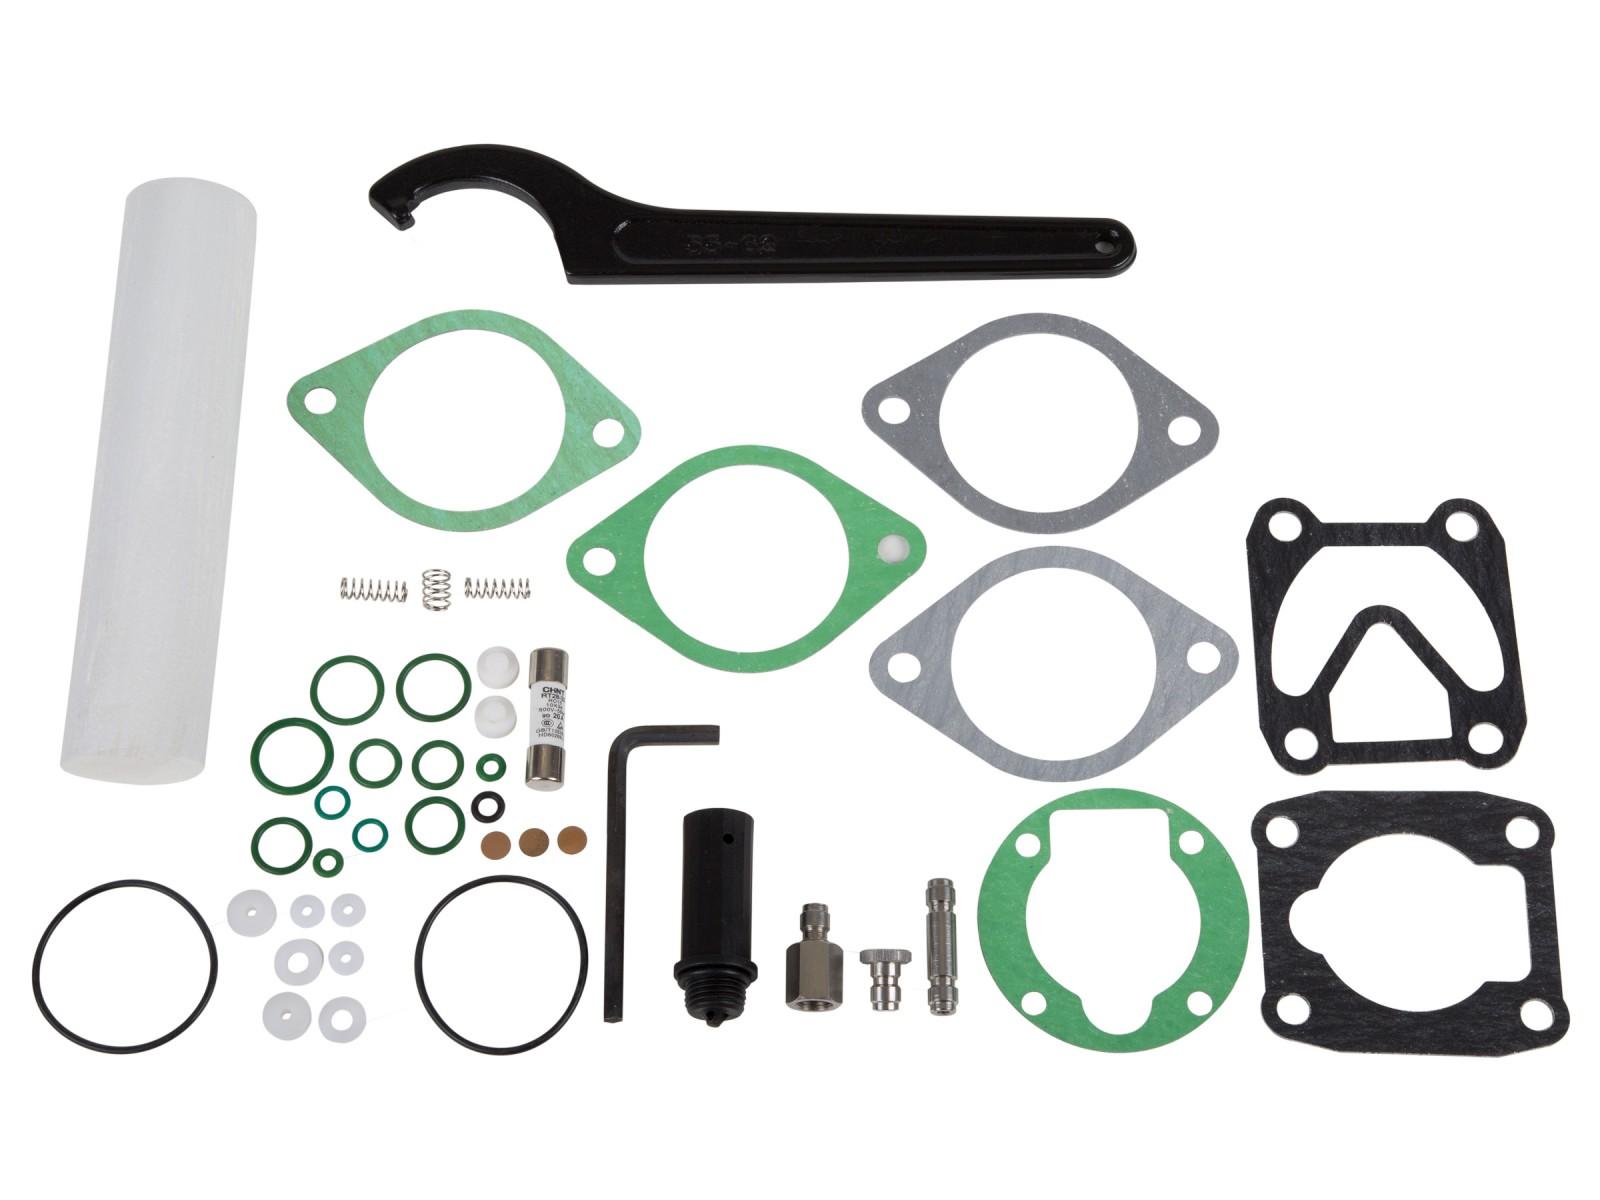 Air Venturi Air Compressor, Electric, 4500 PSI/310 Bar, Accessory Pack